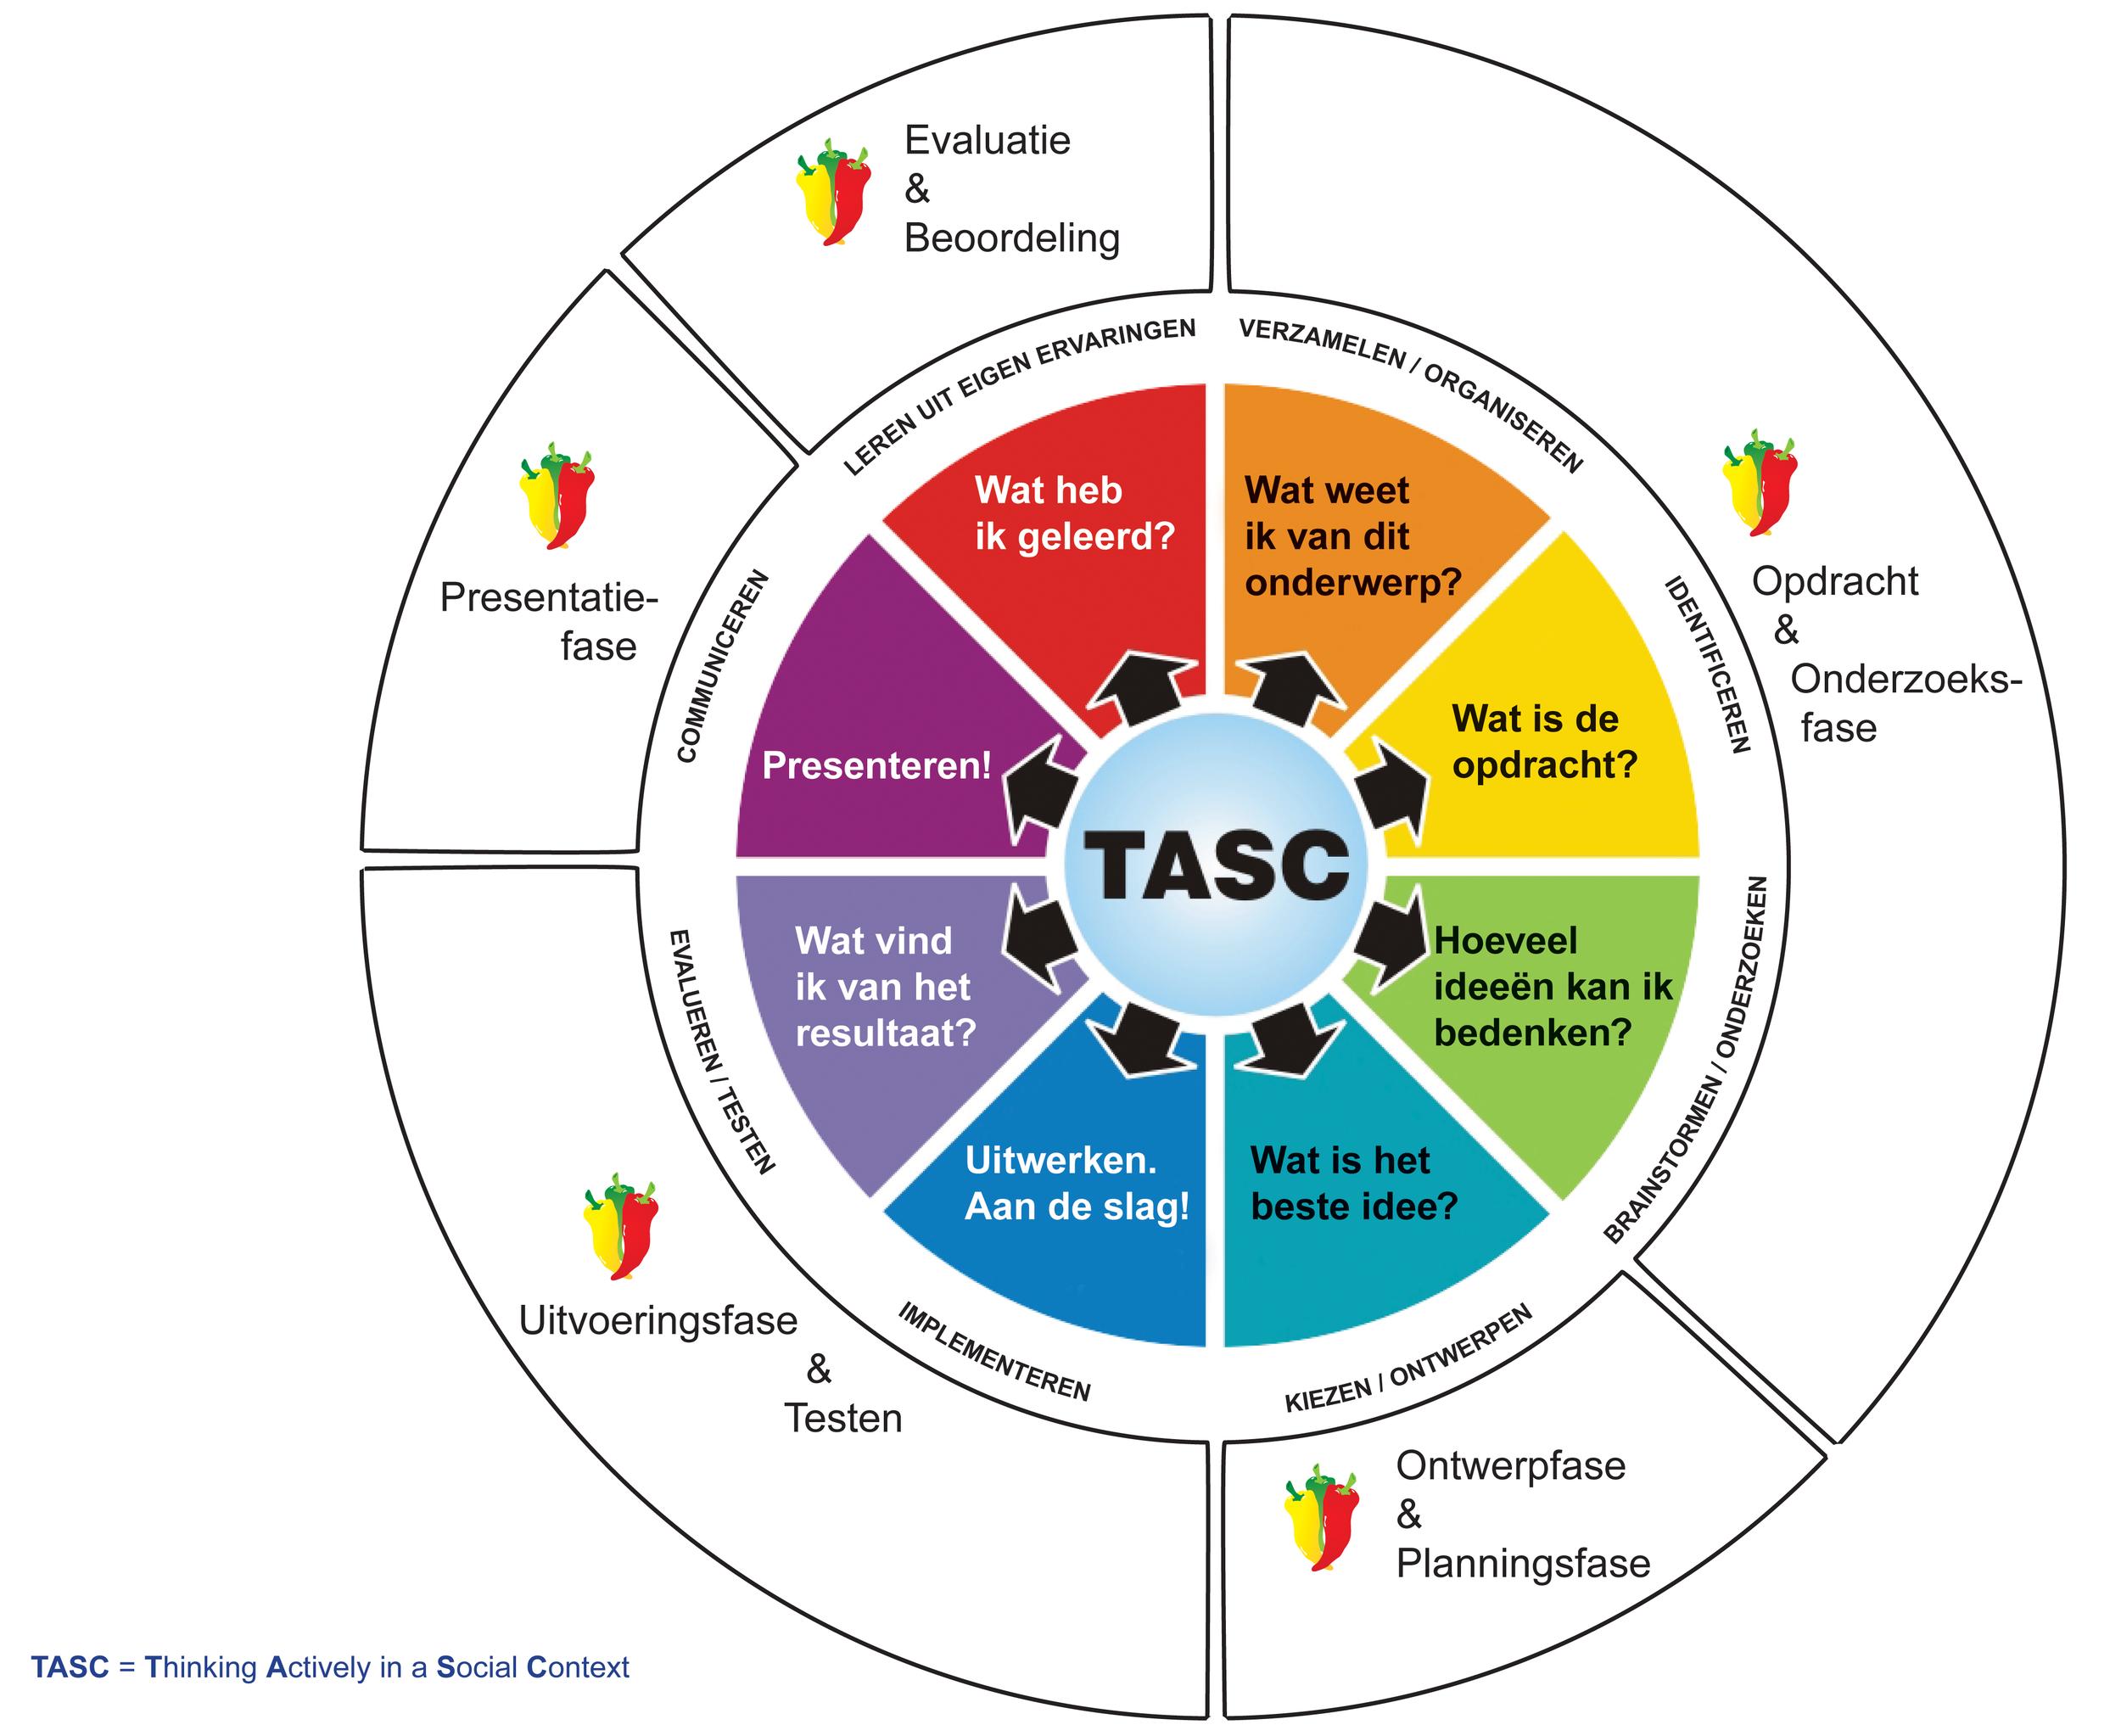 Het TASC-model  ©  is ontwikkeld door Belle Wallace. TASC staat voor voor Thinking Actively in a Social Context. De projecten uit de Pittige Plus Torens werken volgens dit model voor leren-leren.